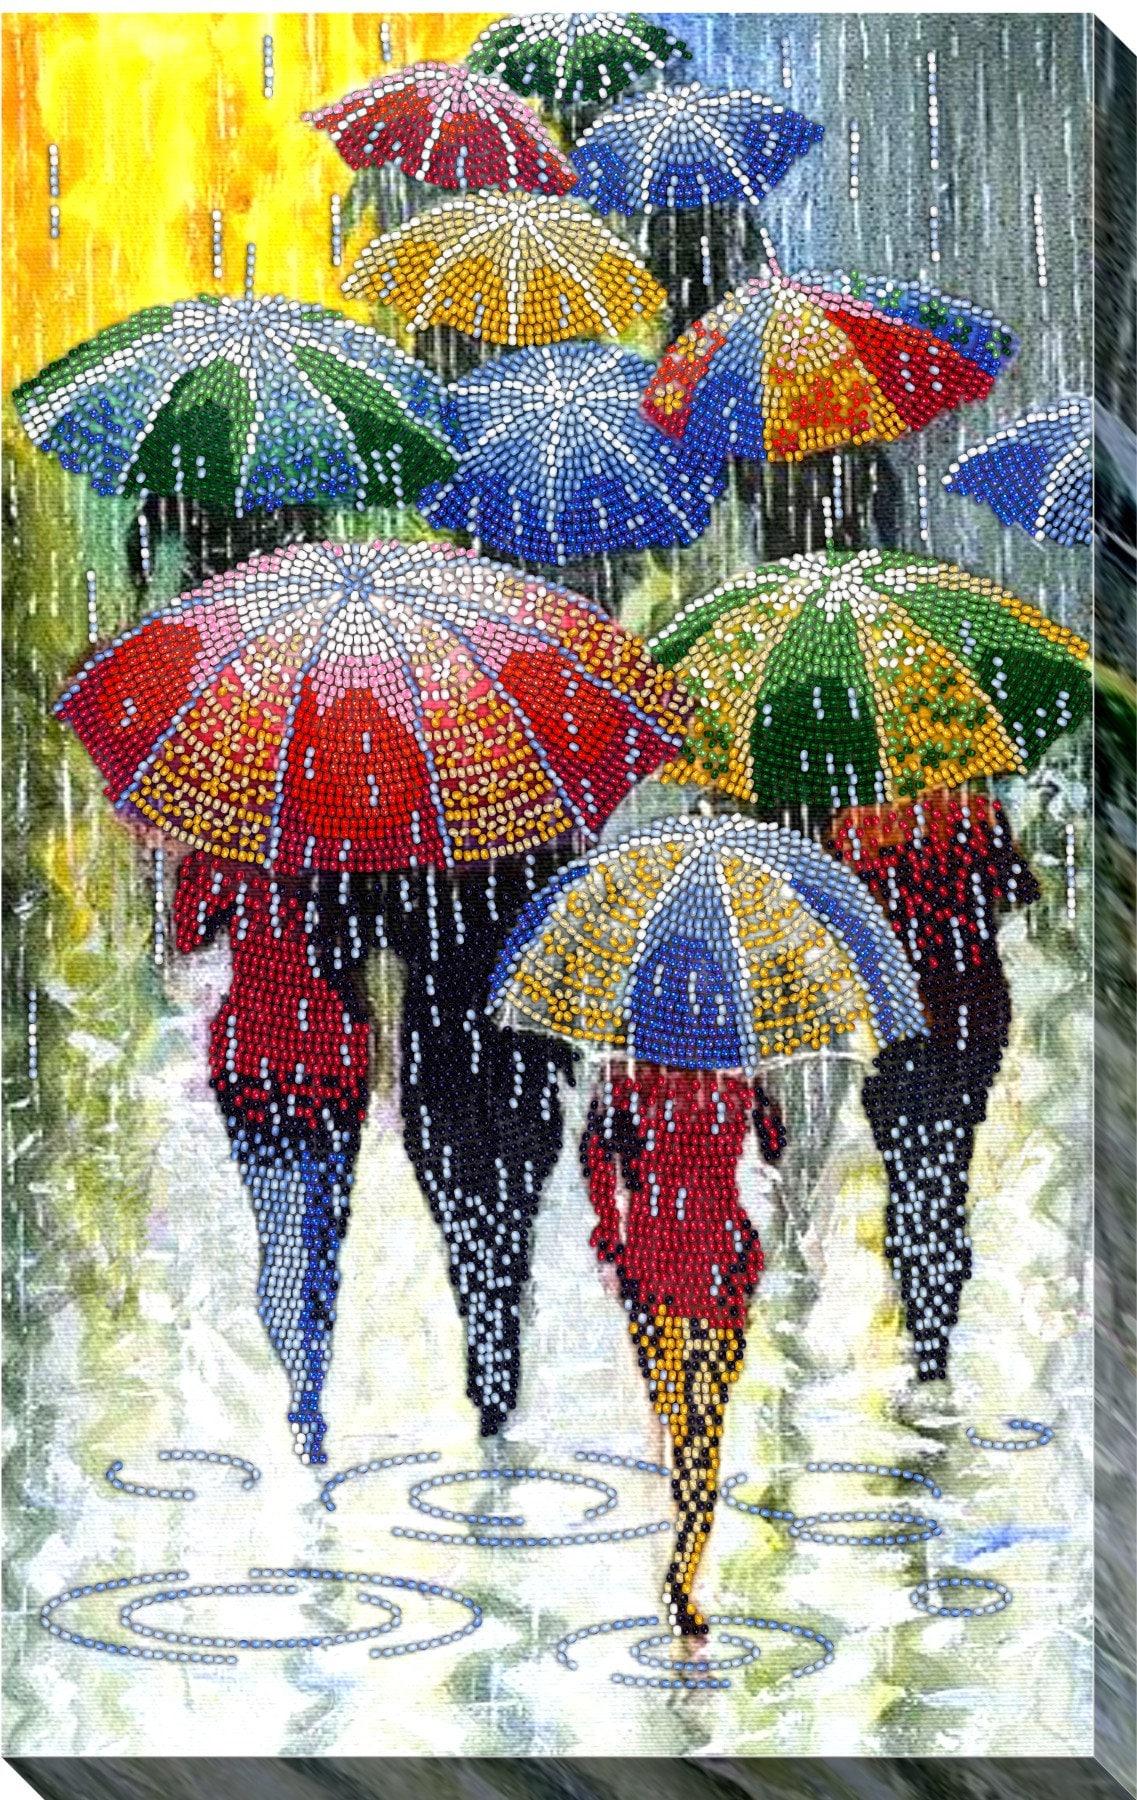 Parapluies, kit de broderie perlée DIY, motif de broderie, broderie, broderie, idée cadeau, perles de le œuvre d'art, livraison gratuite c39dc0